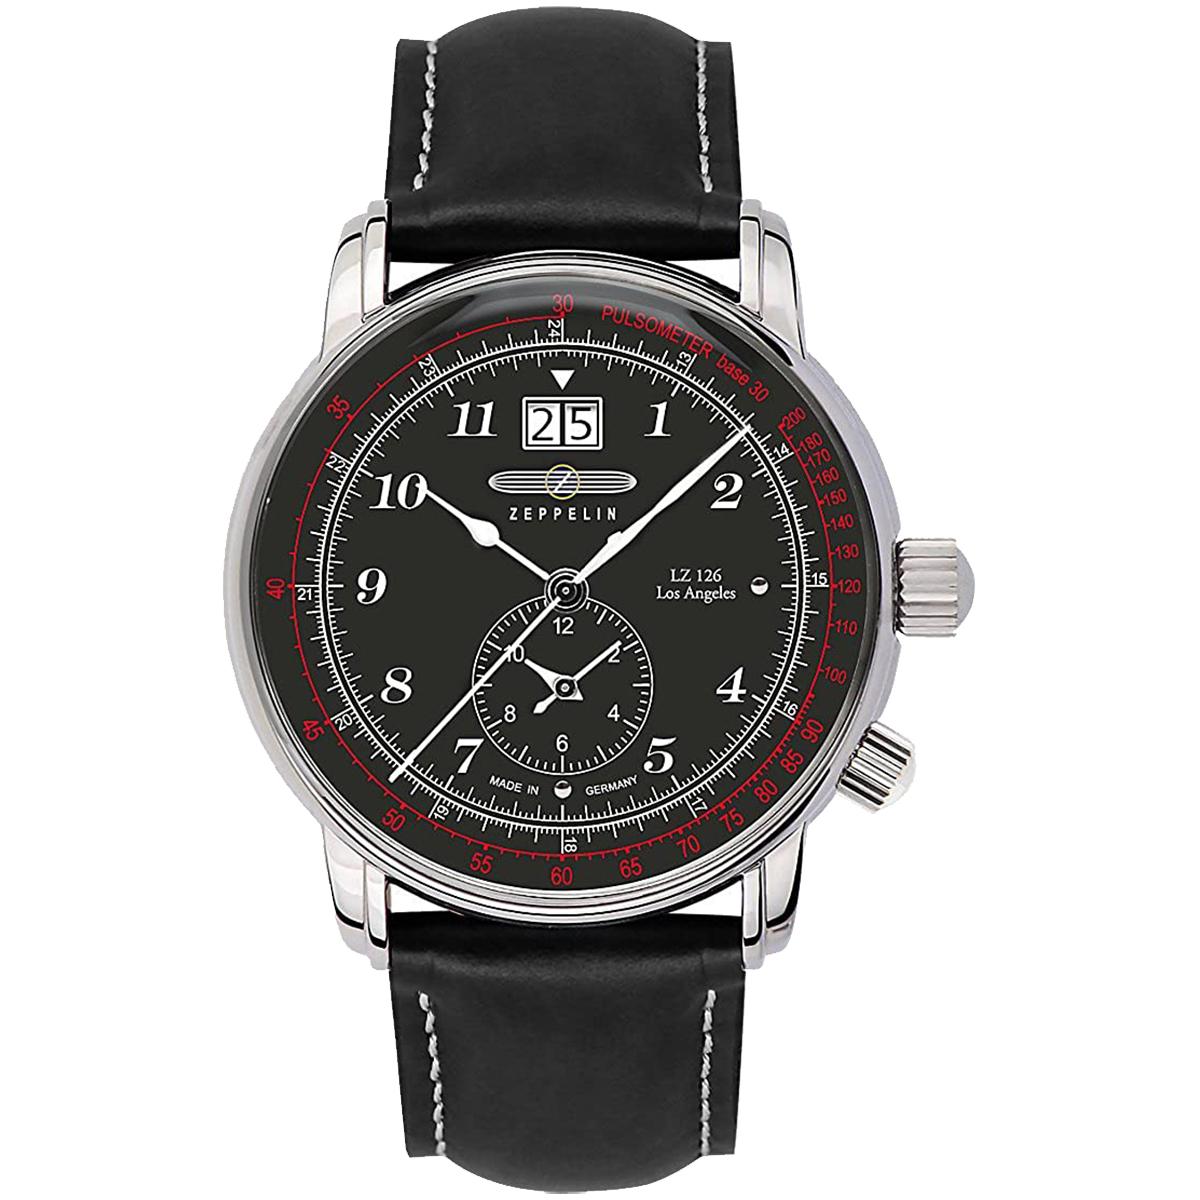 【全品送料無料】 ZEPPELIN ツェッペリン 100周年記念モデル グリーンツェッペリン クロノグラフ アラーム 8644-2 メンズ 時計 腕時計 プレゼント ギフト 贈り物[あす楽]